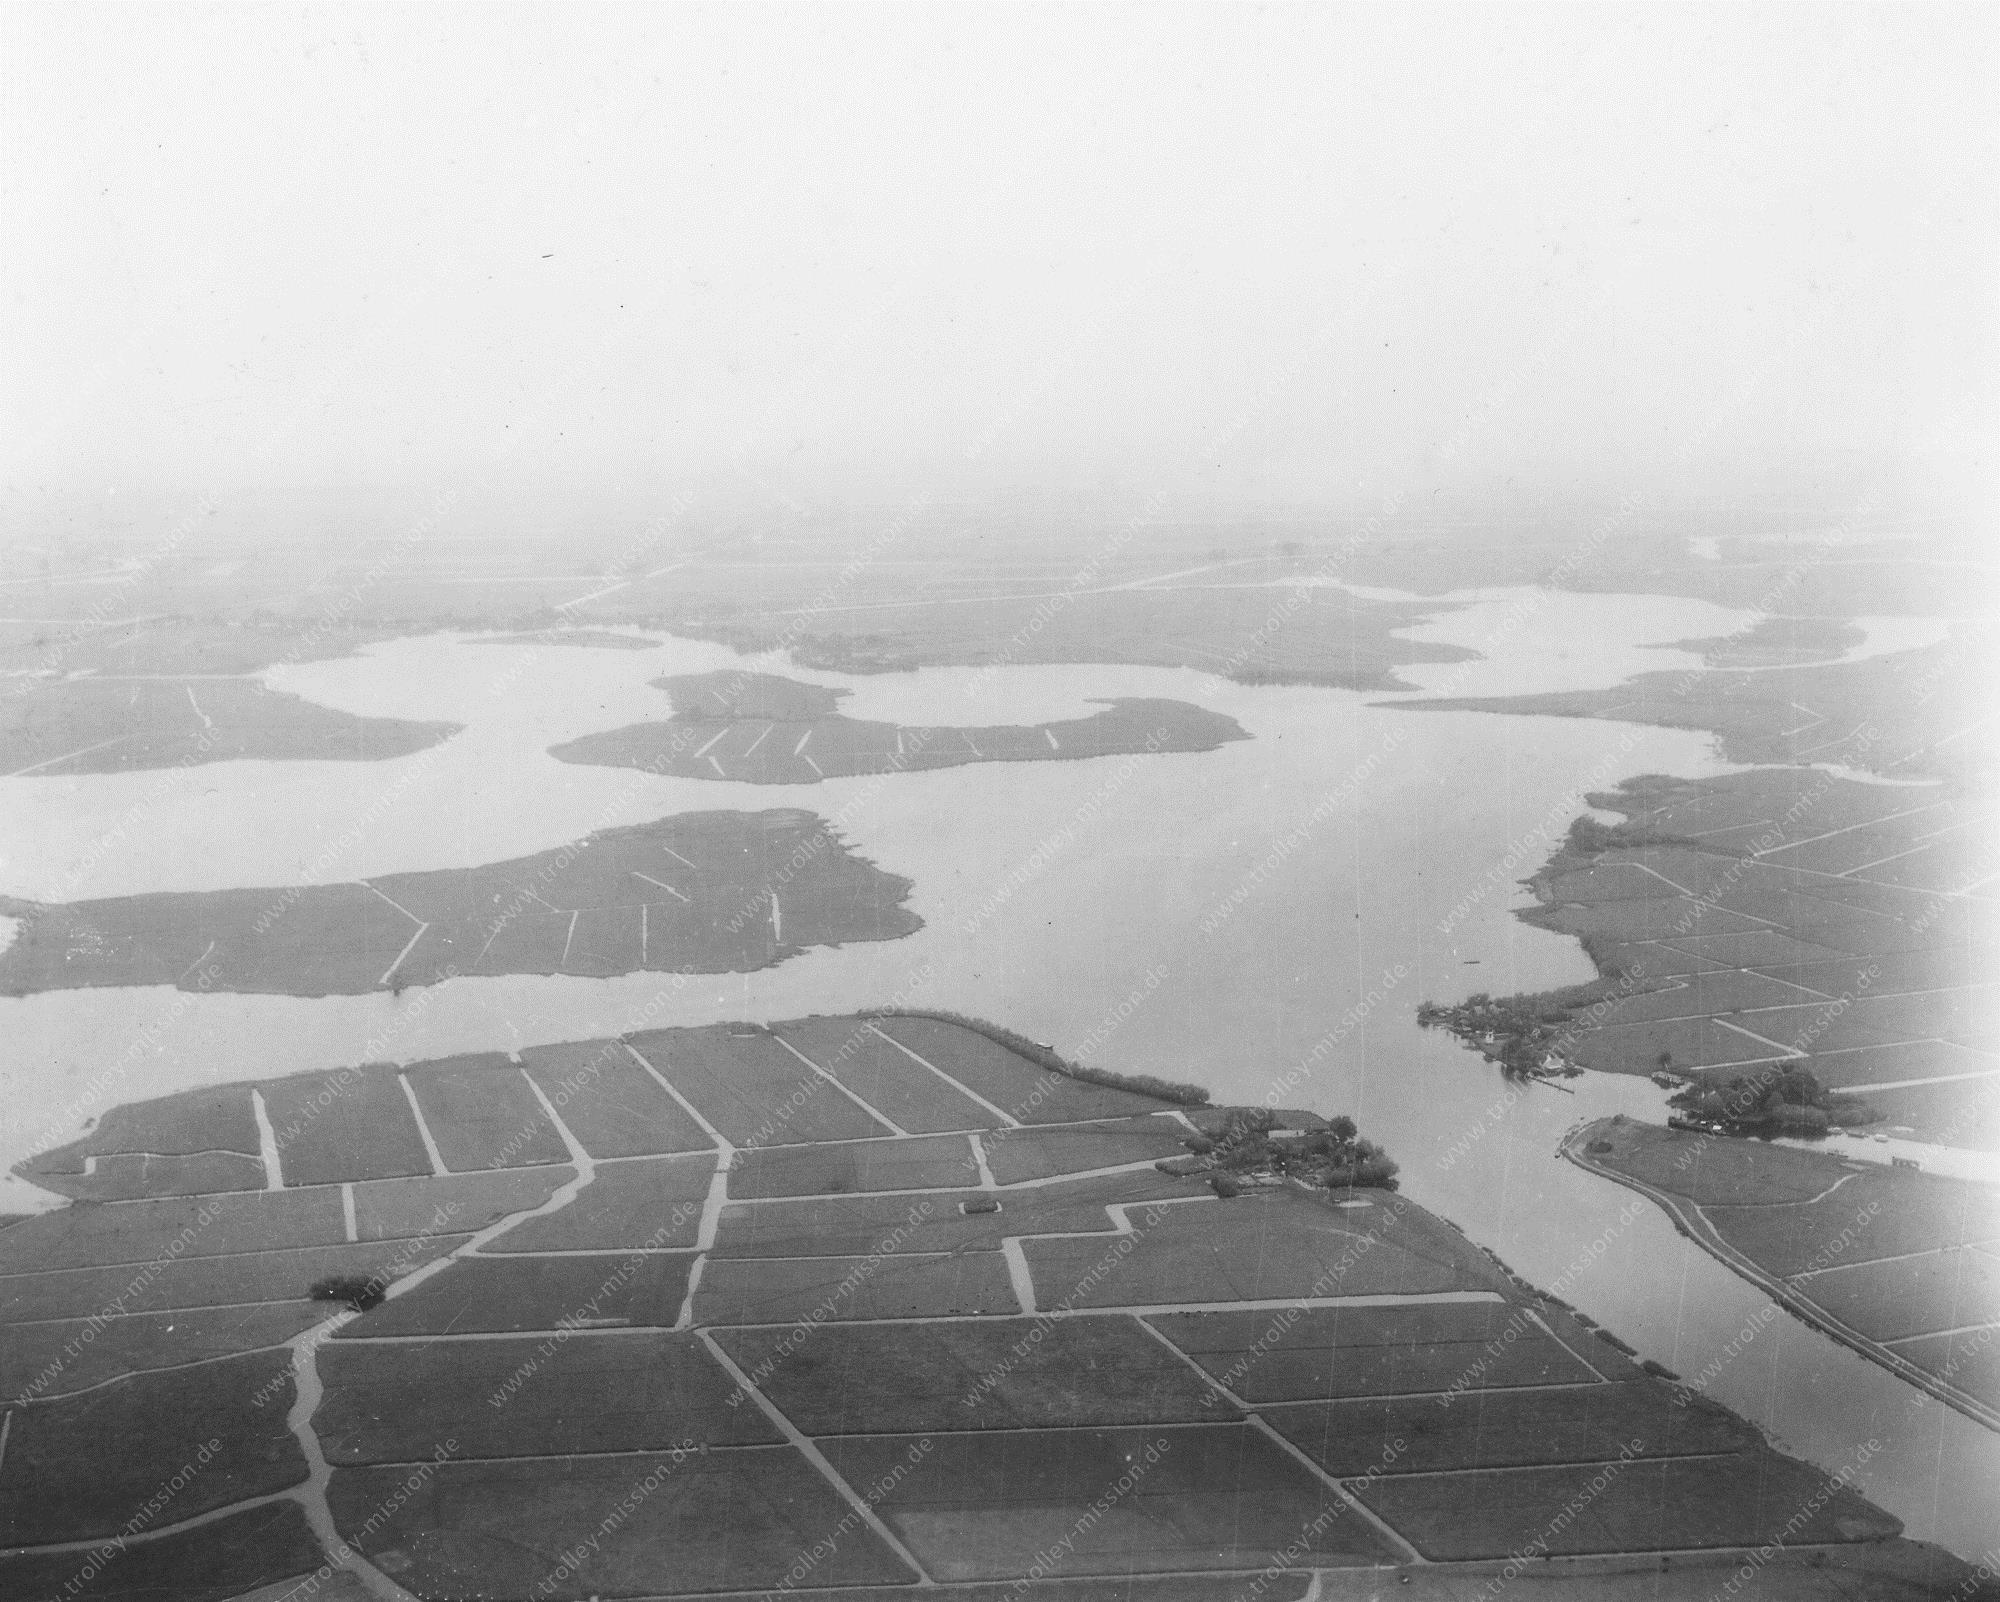 Kagerplassen Luchtfoto Wereldoorlog in Mei 1945